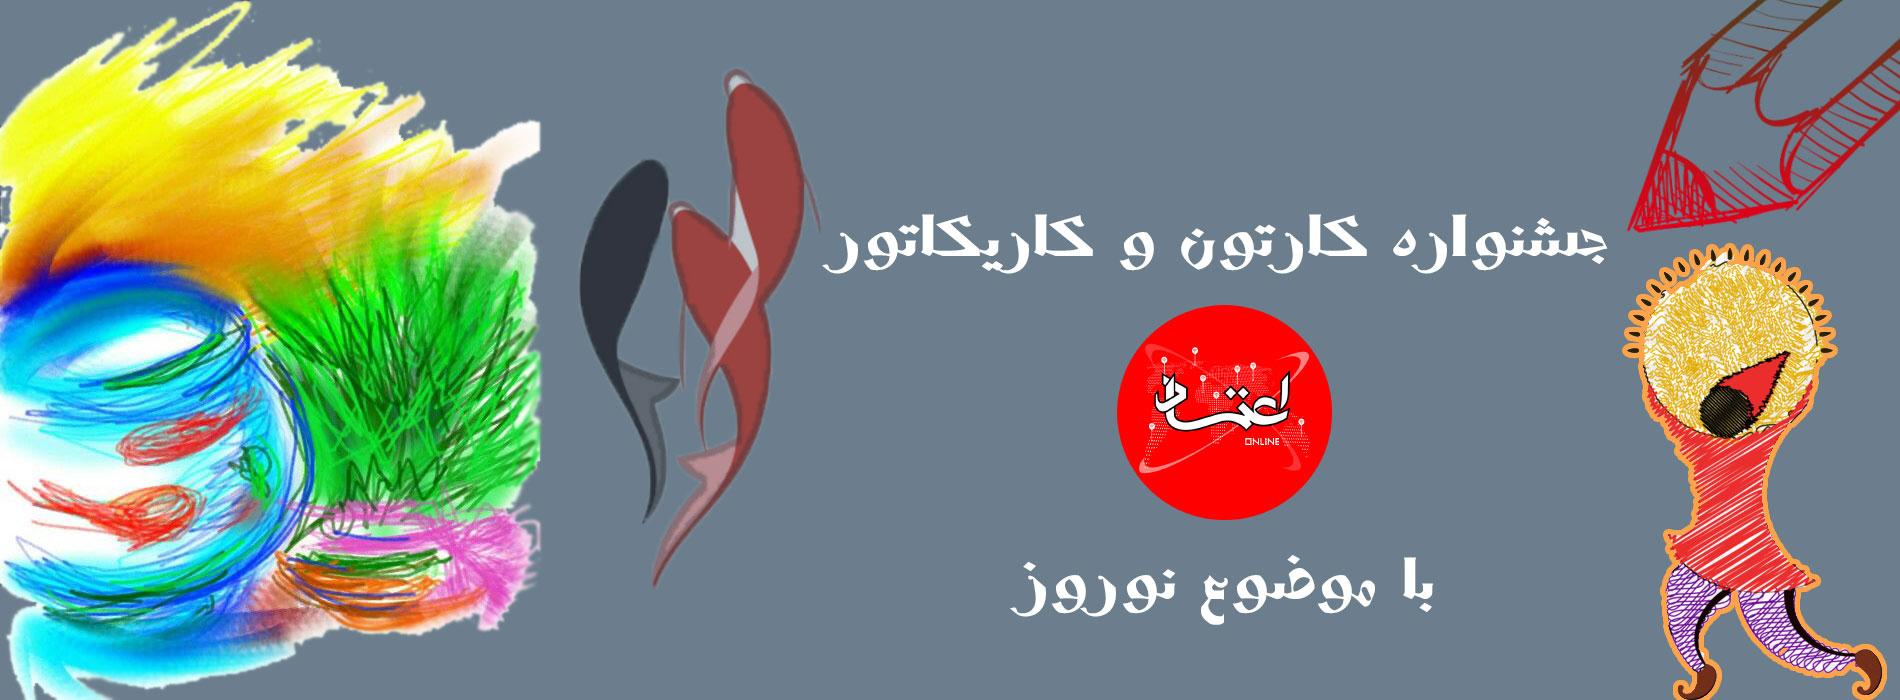 فراخوان جشنواره کارتون و کاریکاتور اعتمادآنلاین با موضوع نوروز